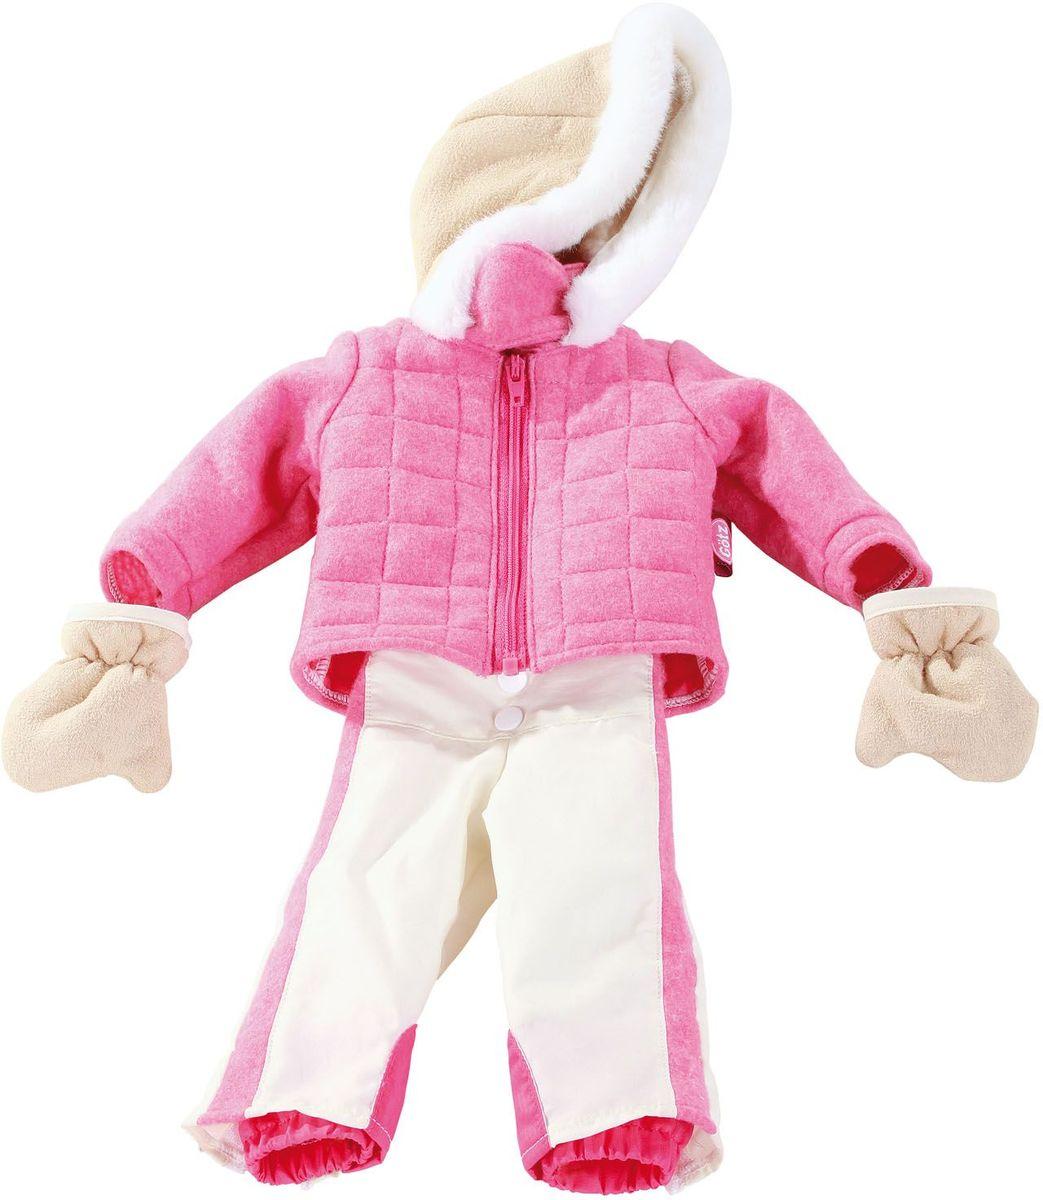 Gotz Набор зимней спортивной одежды аксессуары для кукол gotz набор зимней спортивной одежды для куклы для куклы